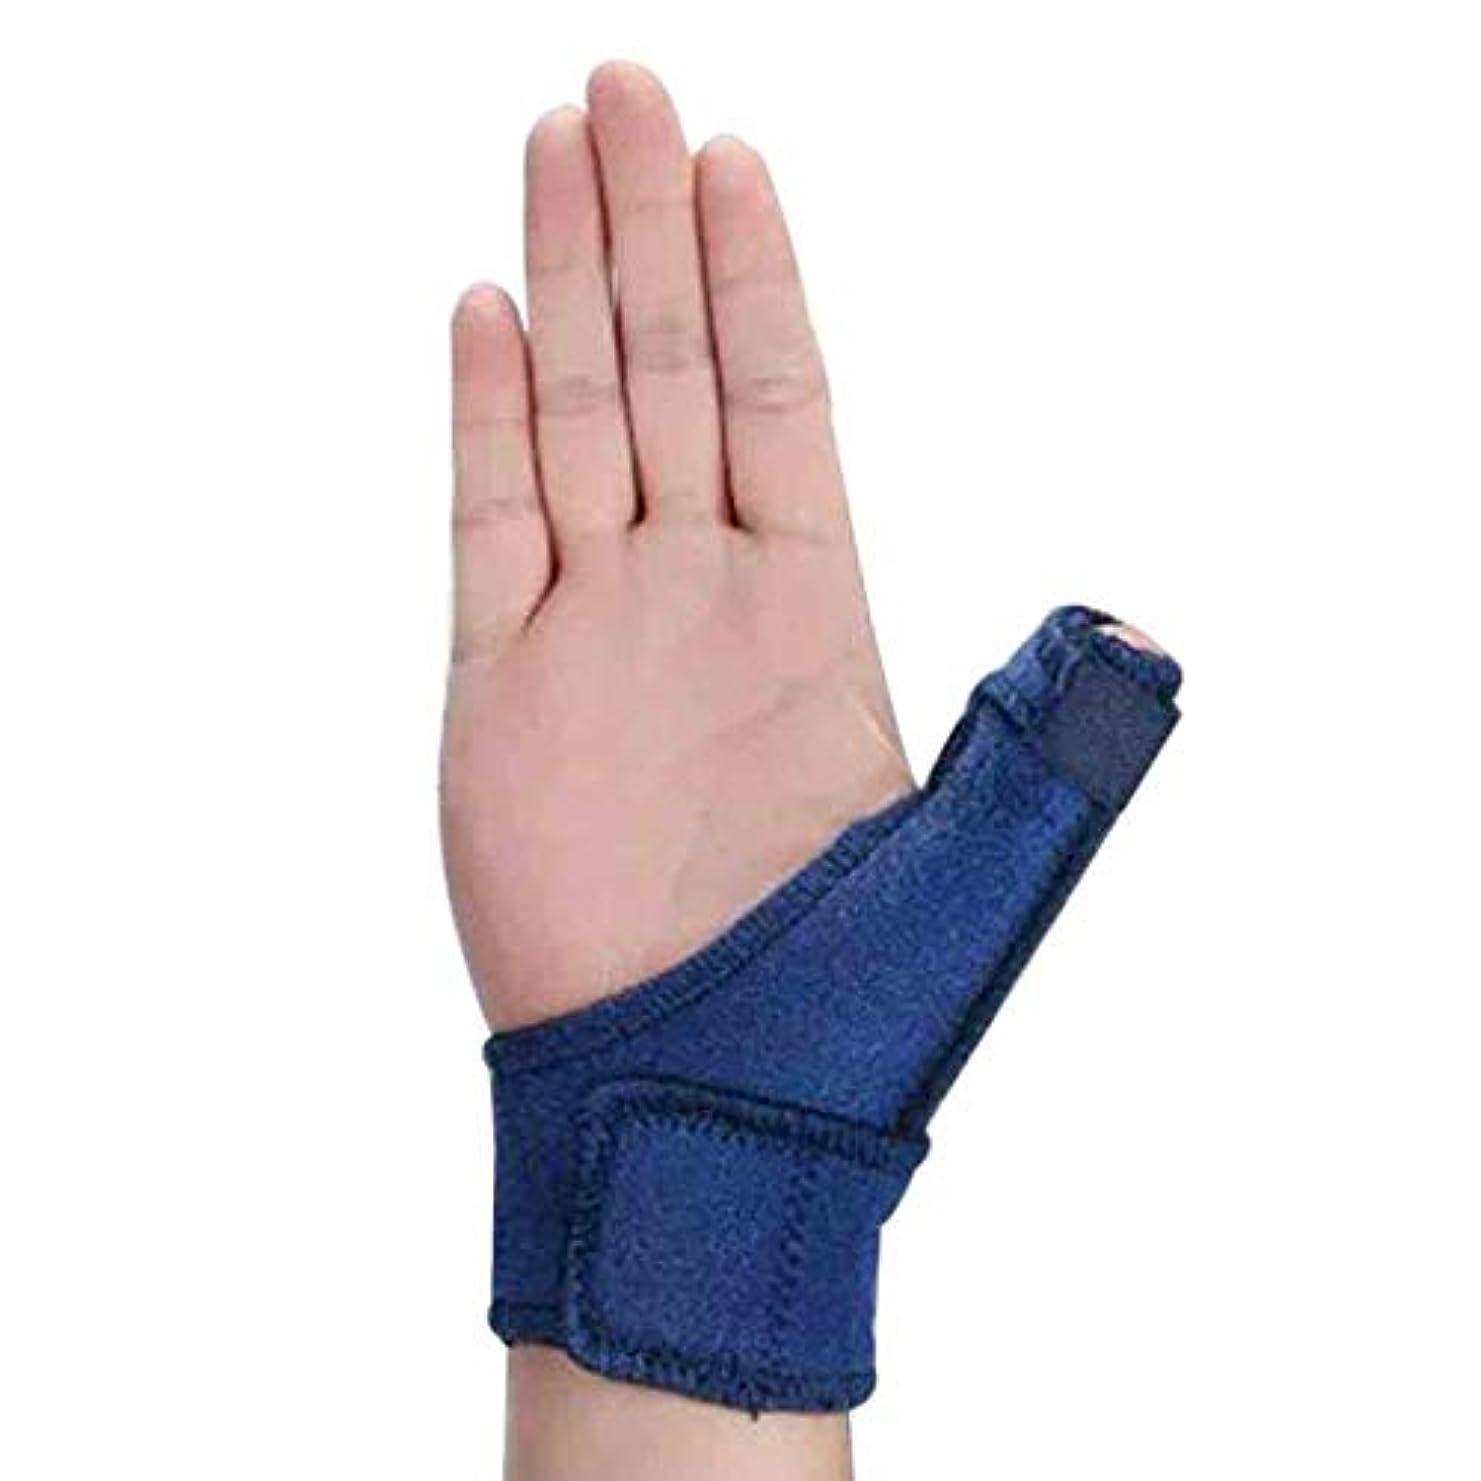 ダーベビルのテスレール到着トリガーのための調節可能な親指スプリント親指リストストラップブレース親指スプリント親指関節炎痛み緩和ブレース(1個、ユニセックス、左&右の手青) Roscloud@